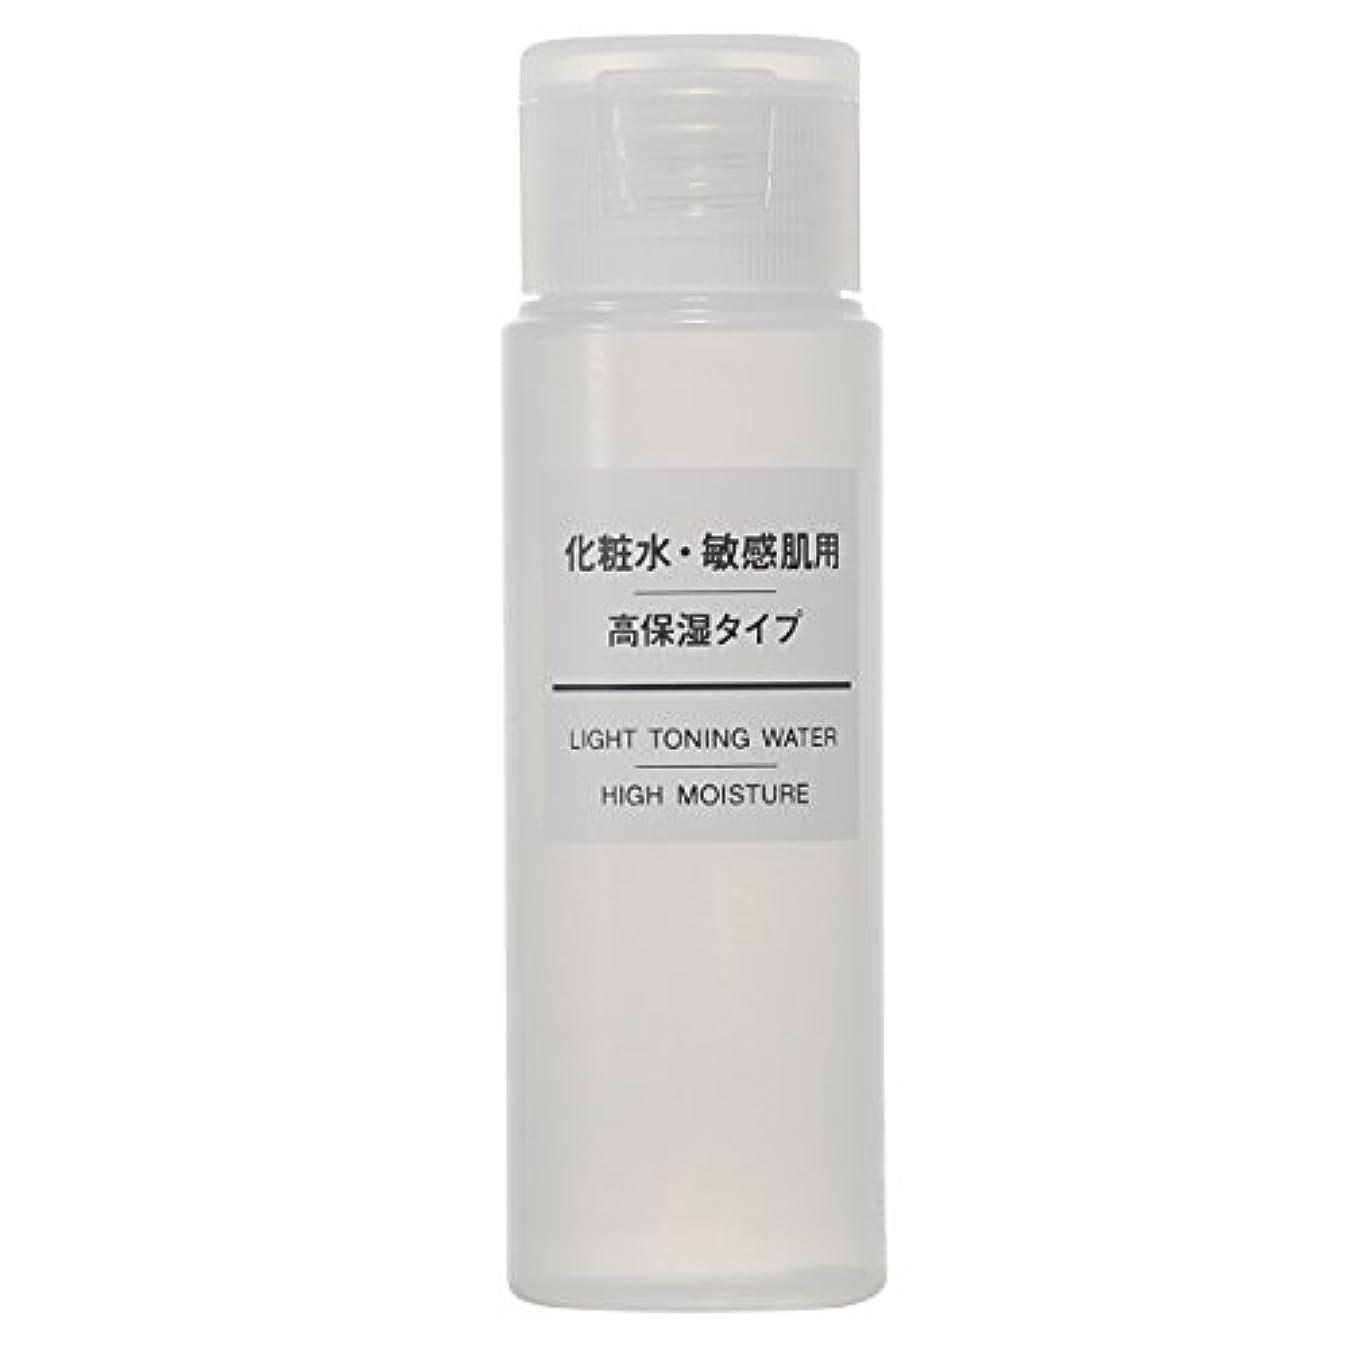 予想する教授牛無印良品 化粧水 敏感肌用 高保湿タイプ(携帯用) 50ml